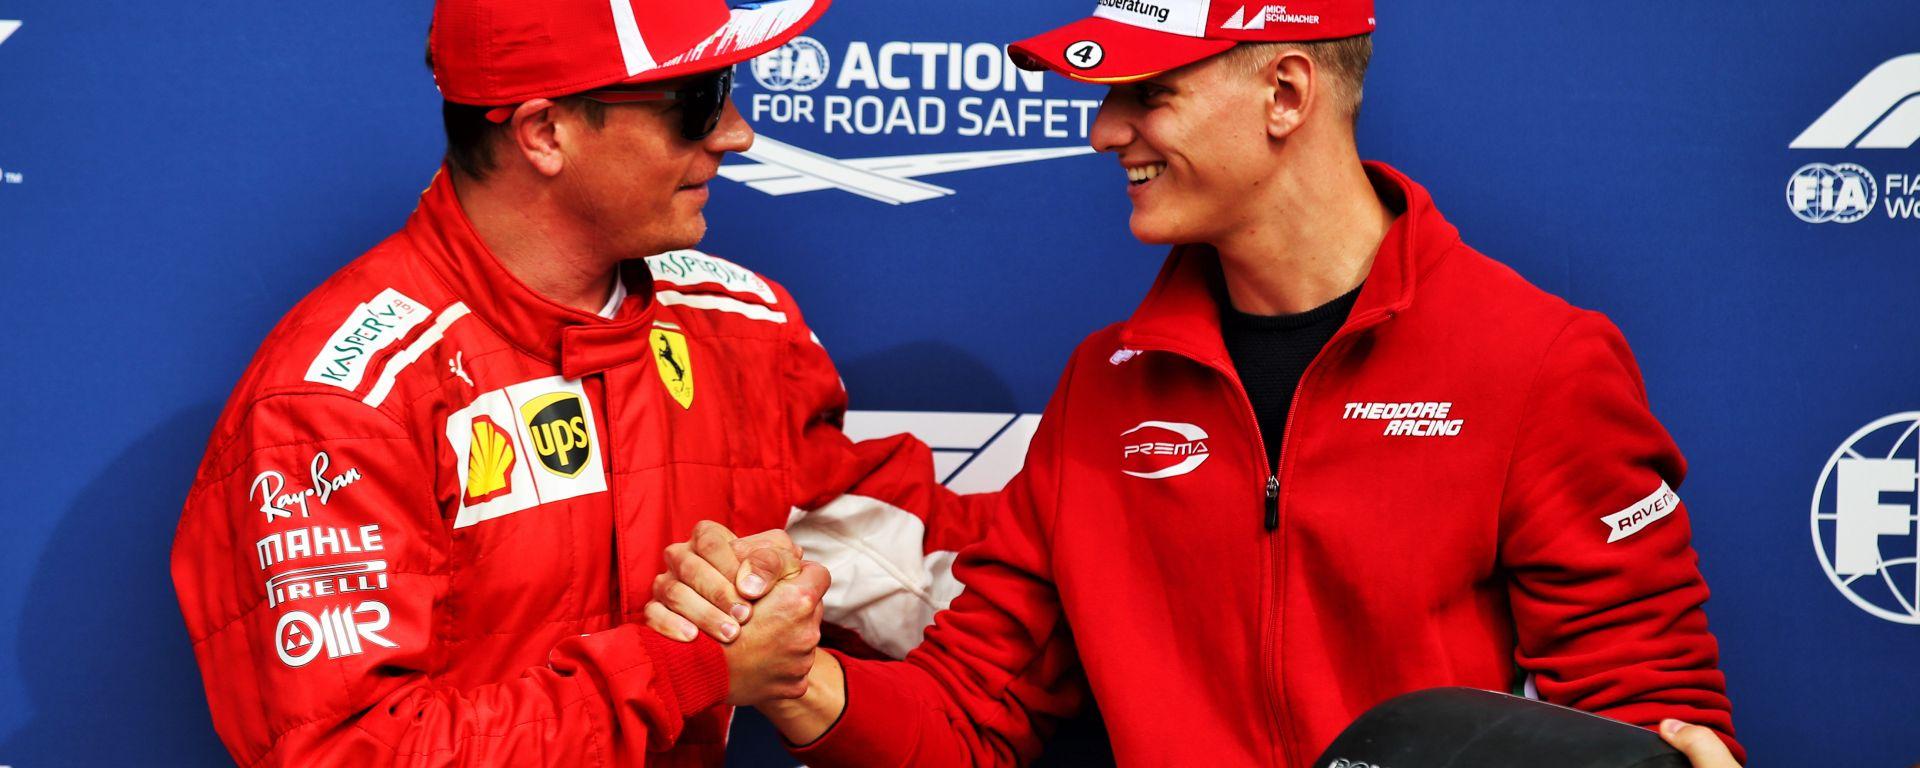 F1 2018: Kimi Raikkonen e Mick Schumacher